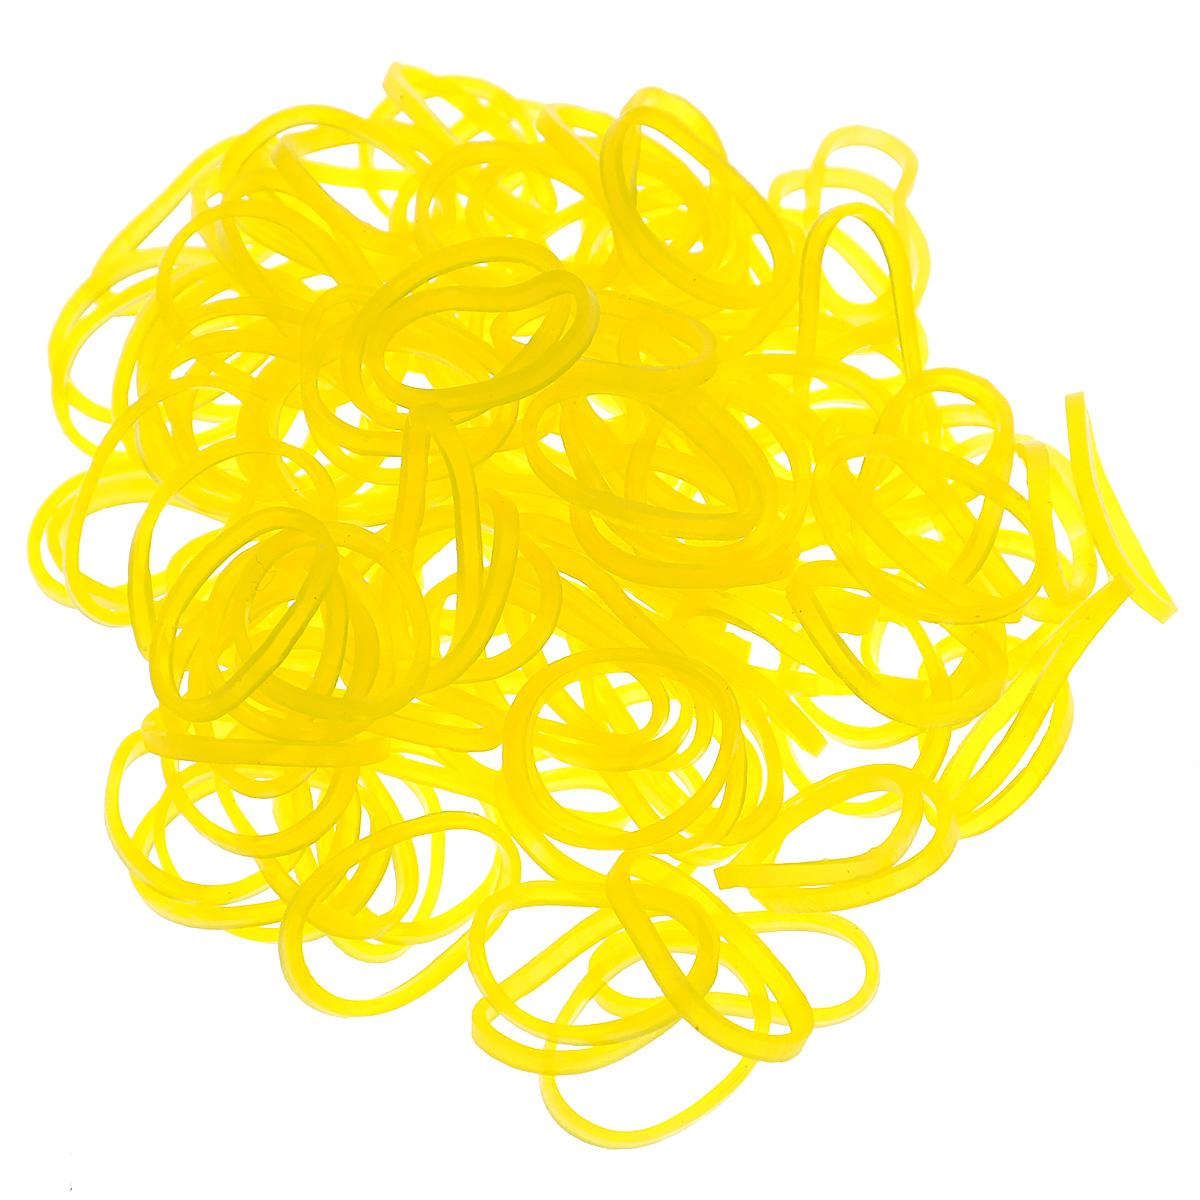 Резиночки безлатексные Rainbow Loom Jelly, с клипсами, цвет: желтый, 600 штB0058-2014-09Уникальные гелевые резиночки Rainbow Loom Jelly для плетения браслетов понравятся всем юным рукодельницам. Самый популярный в мире способ плетения украшений и аксессуаров станет занимательным и очень полезным времяпрепровождением. Резиночки, изготовленные из резины, хорошо тянутся, позволяя плести разнообразные узоры. Плетение выполняется руками или крючком. Концы готового браслета удобно соединять специальной клипсой. В комплект входят 600 резиночек и 24 с-клипсы. Процесс плетения с резиночками Rainbow Loom развивает творческие способности детей, помогает самовыражению и созданию уникальных творений своими руками.